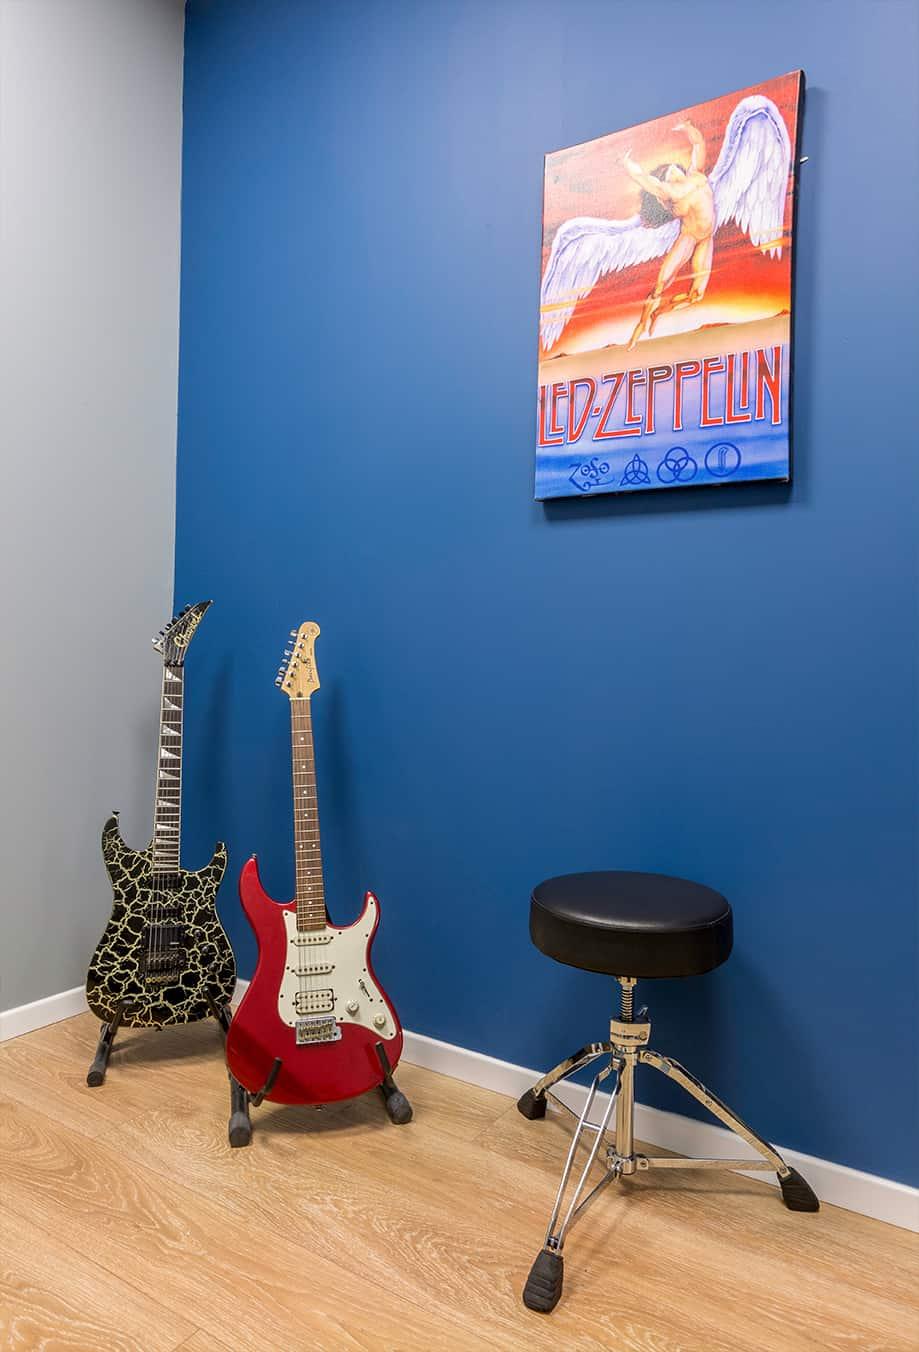 חדר לימוד שיעורי גיטרה - שירית דרמן מעצבת פנים